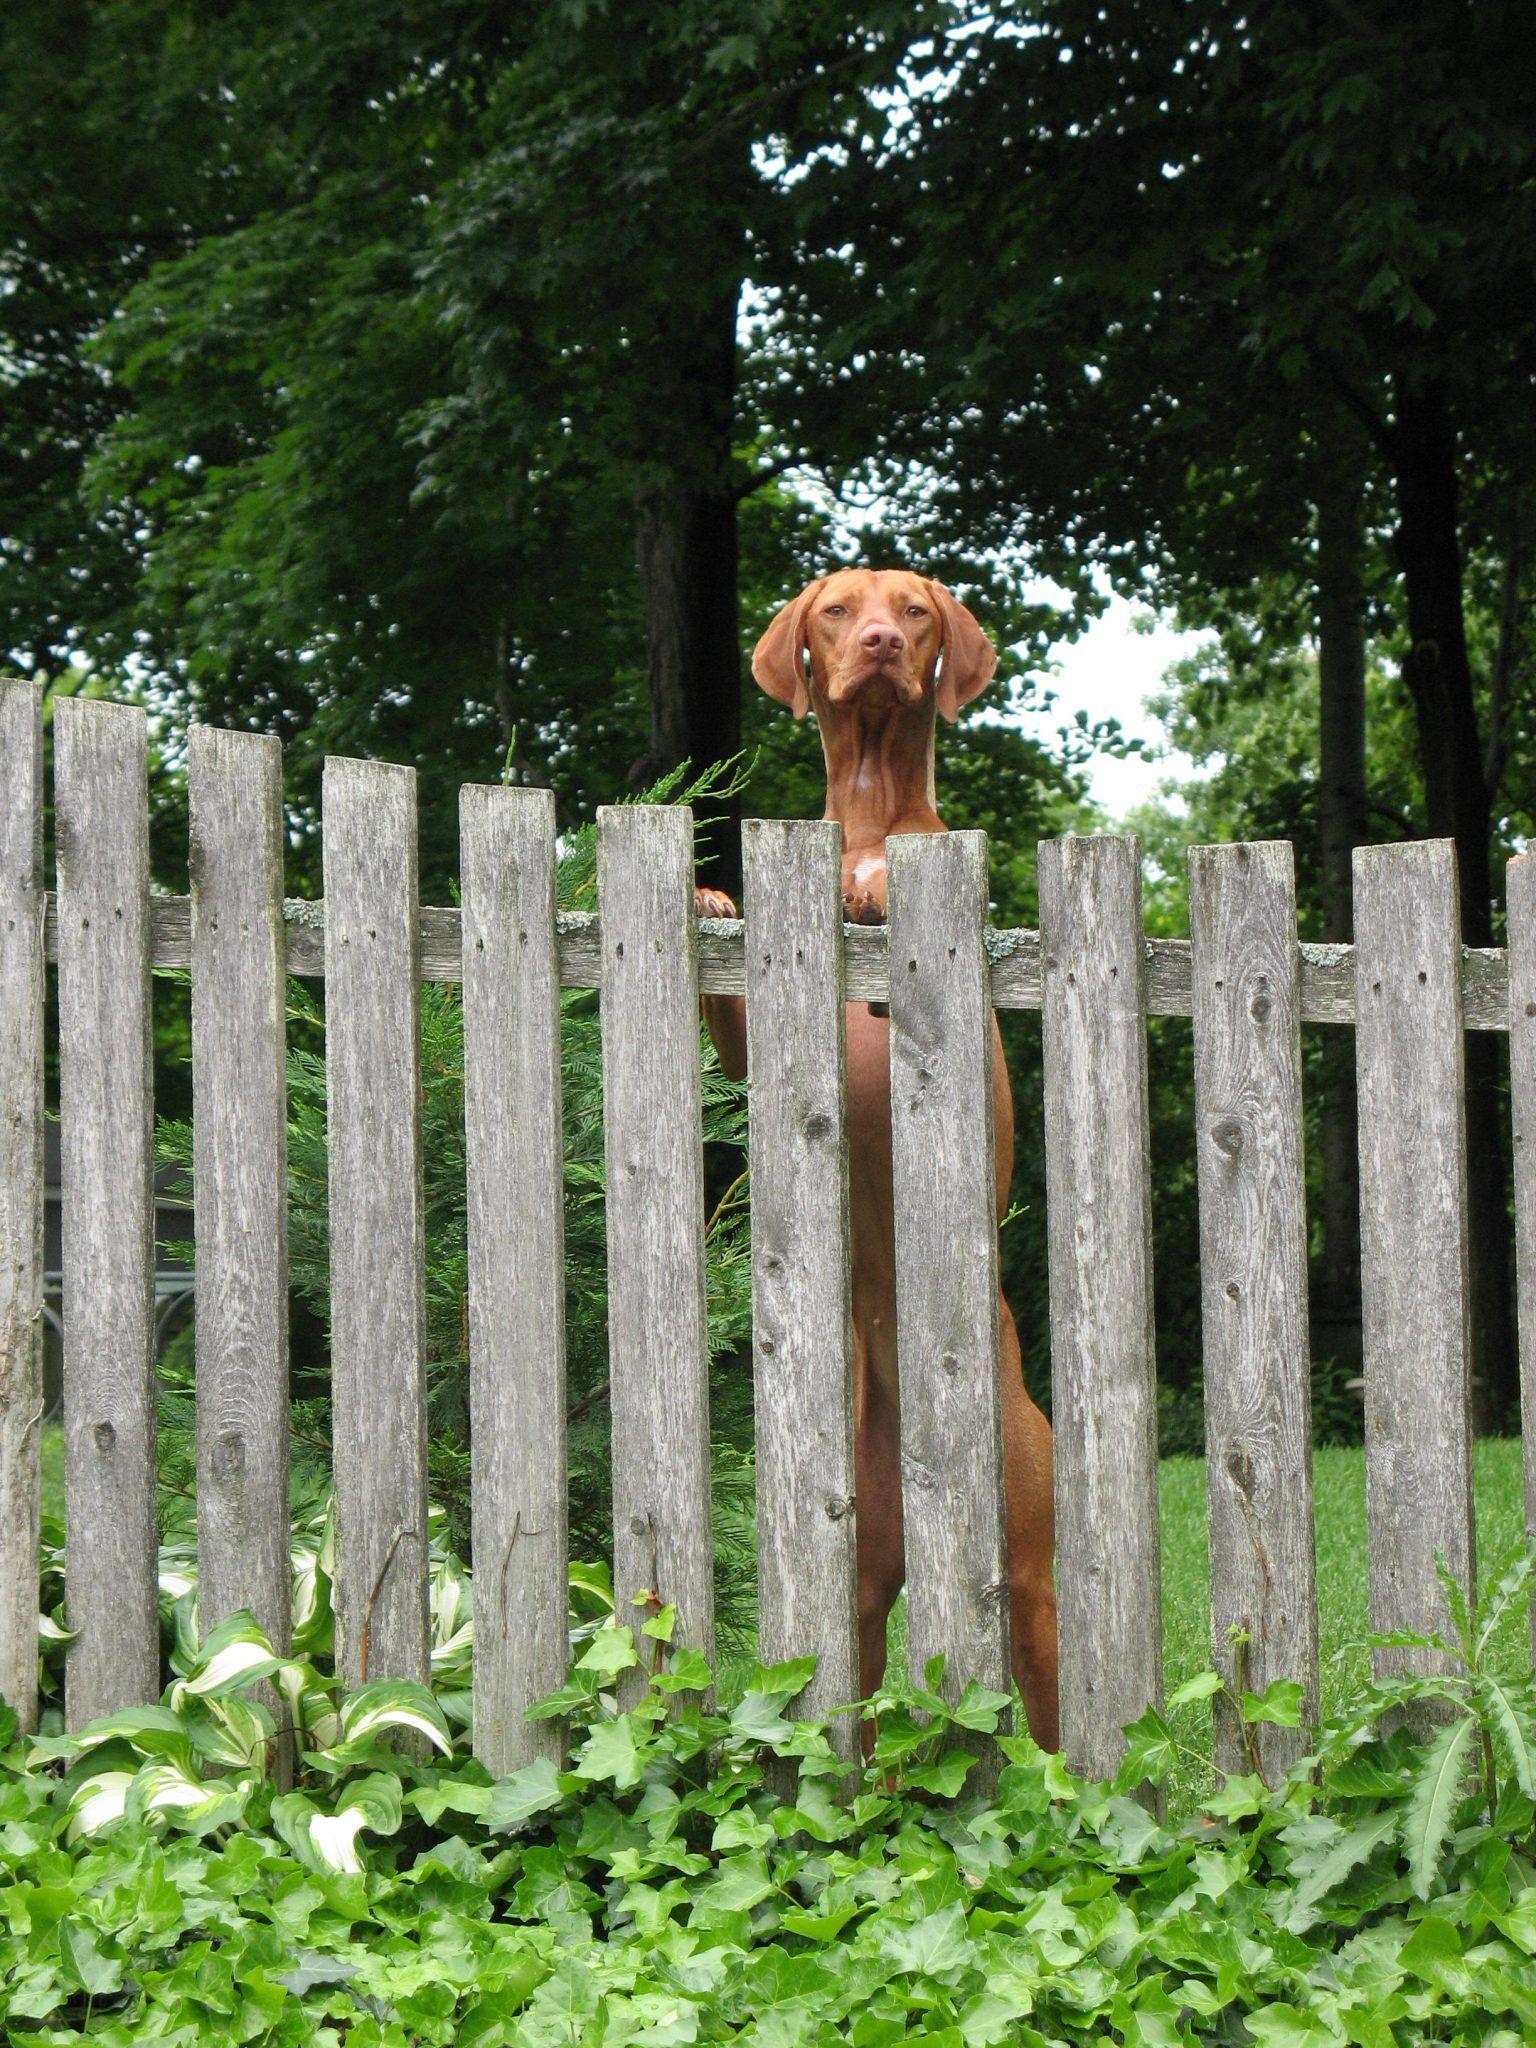 Dog Run Ideas: How To Build A Backyard Dog Run